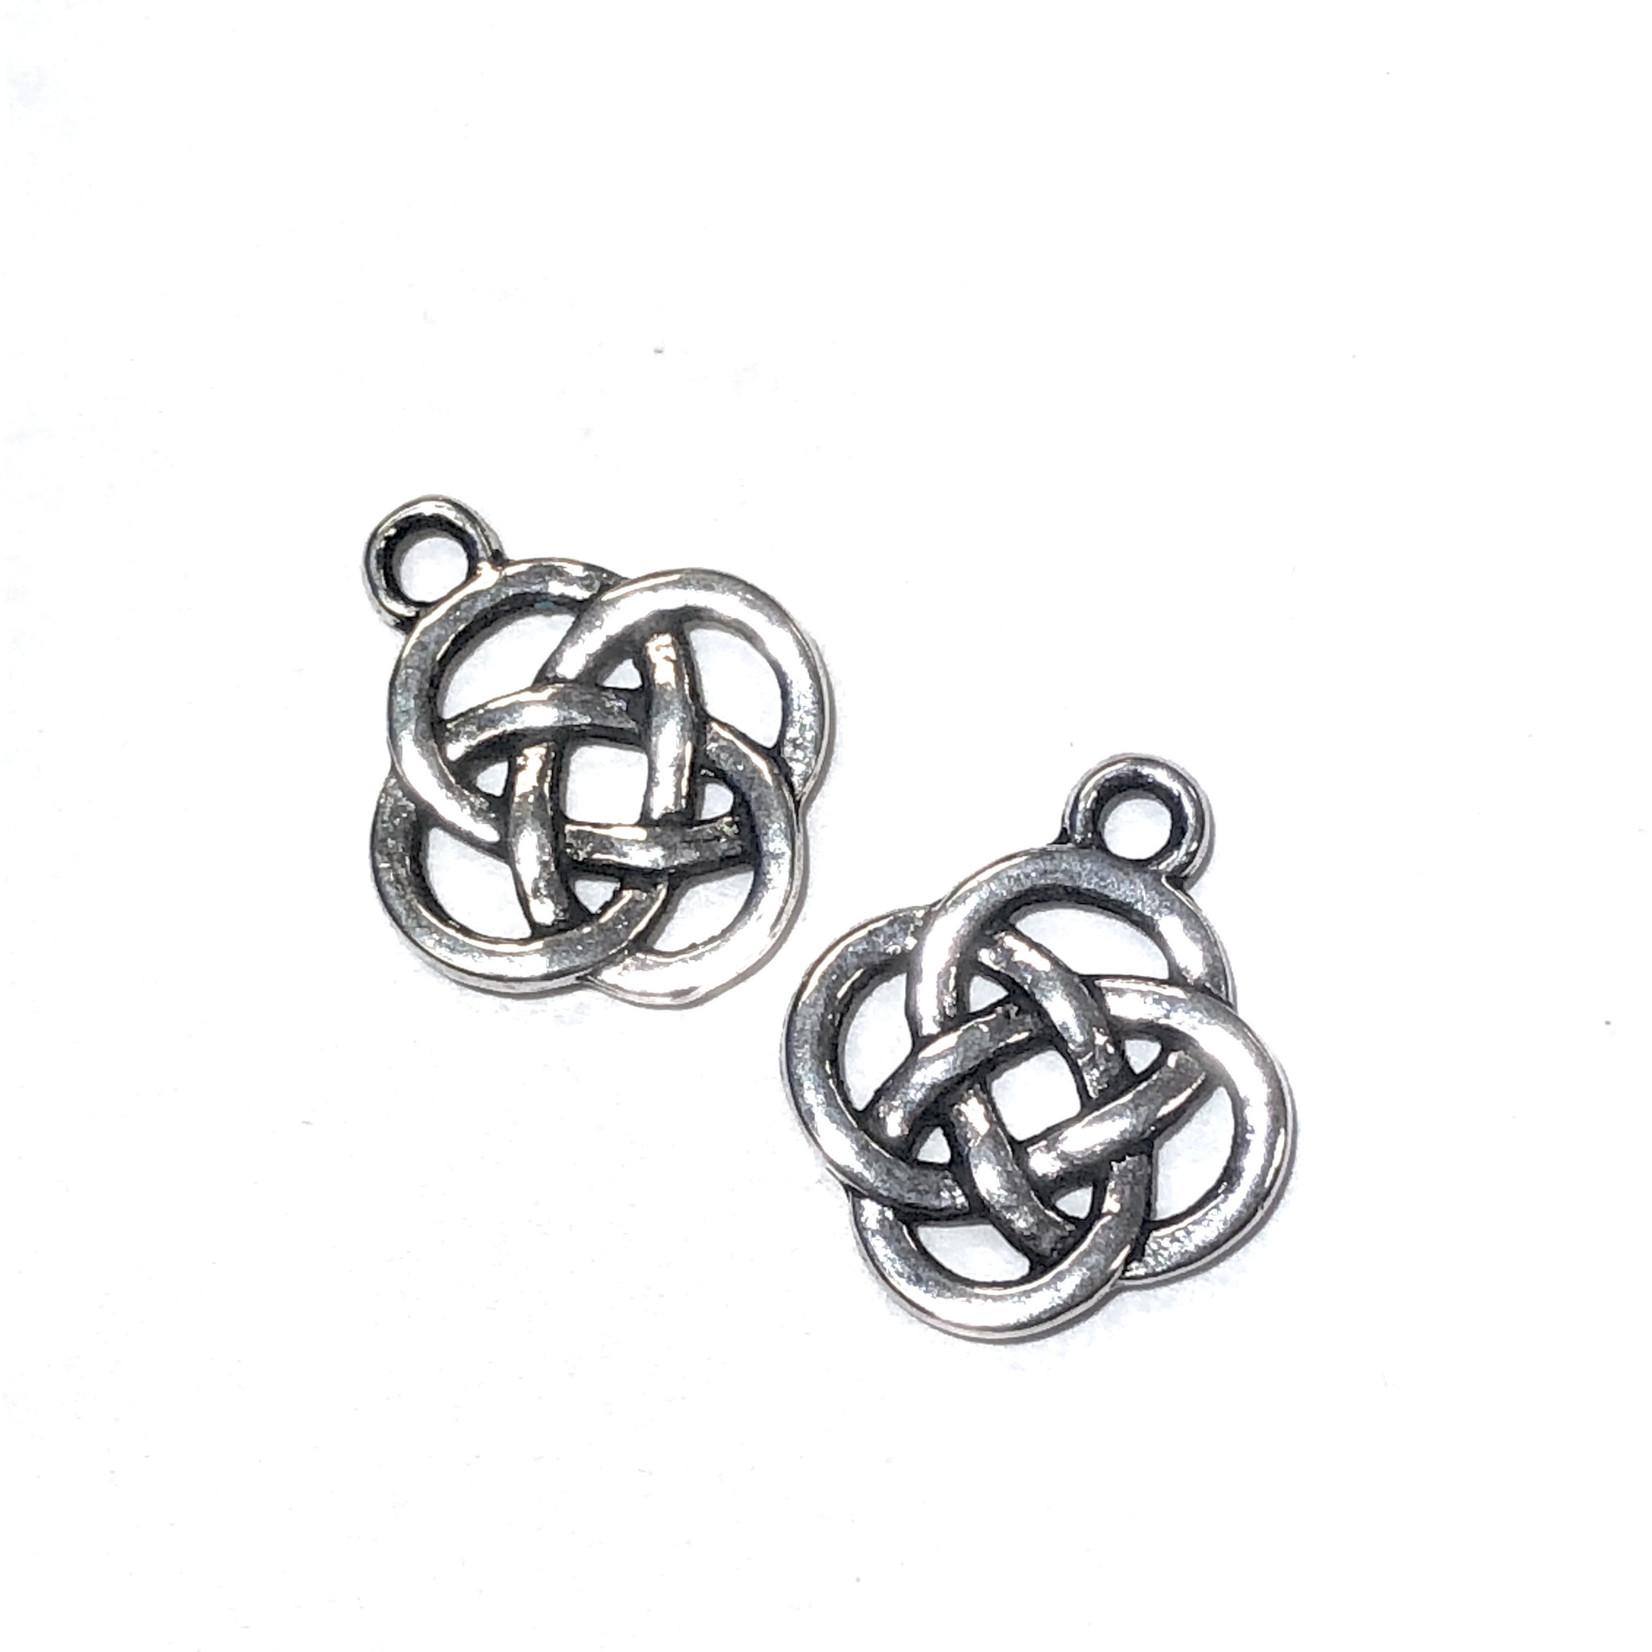 Antique Silver Celtic Knot 18mm Charm 8pcs